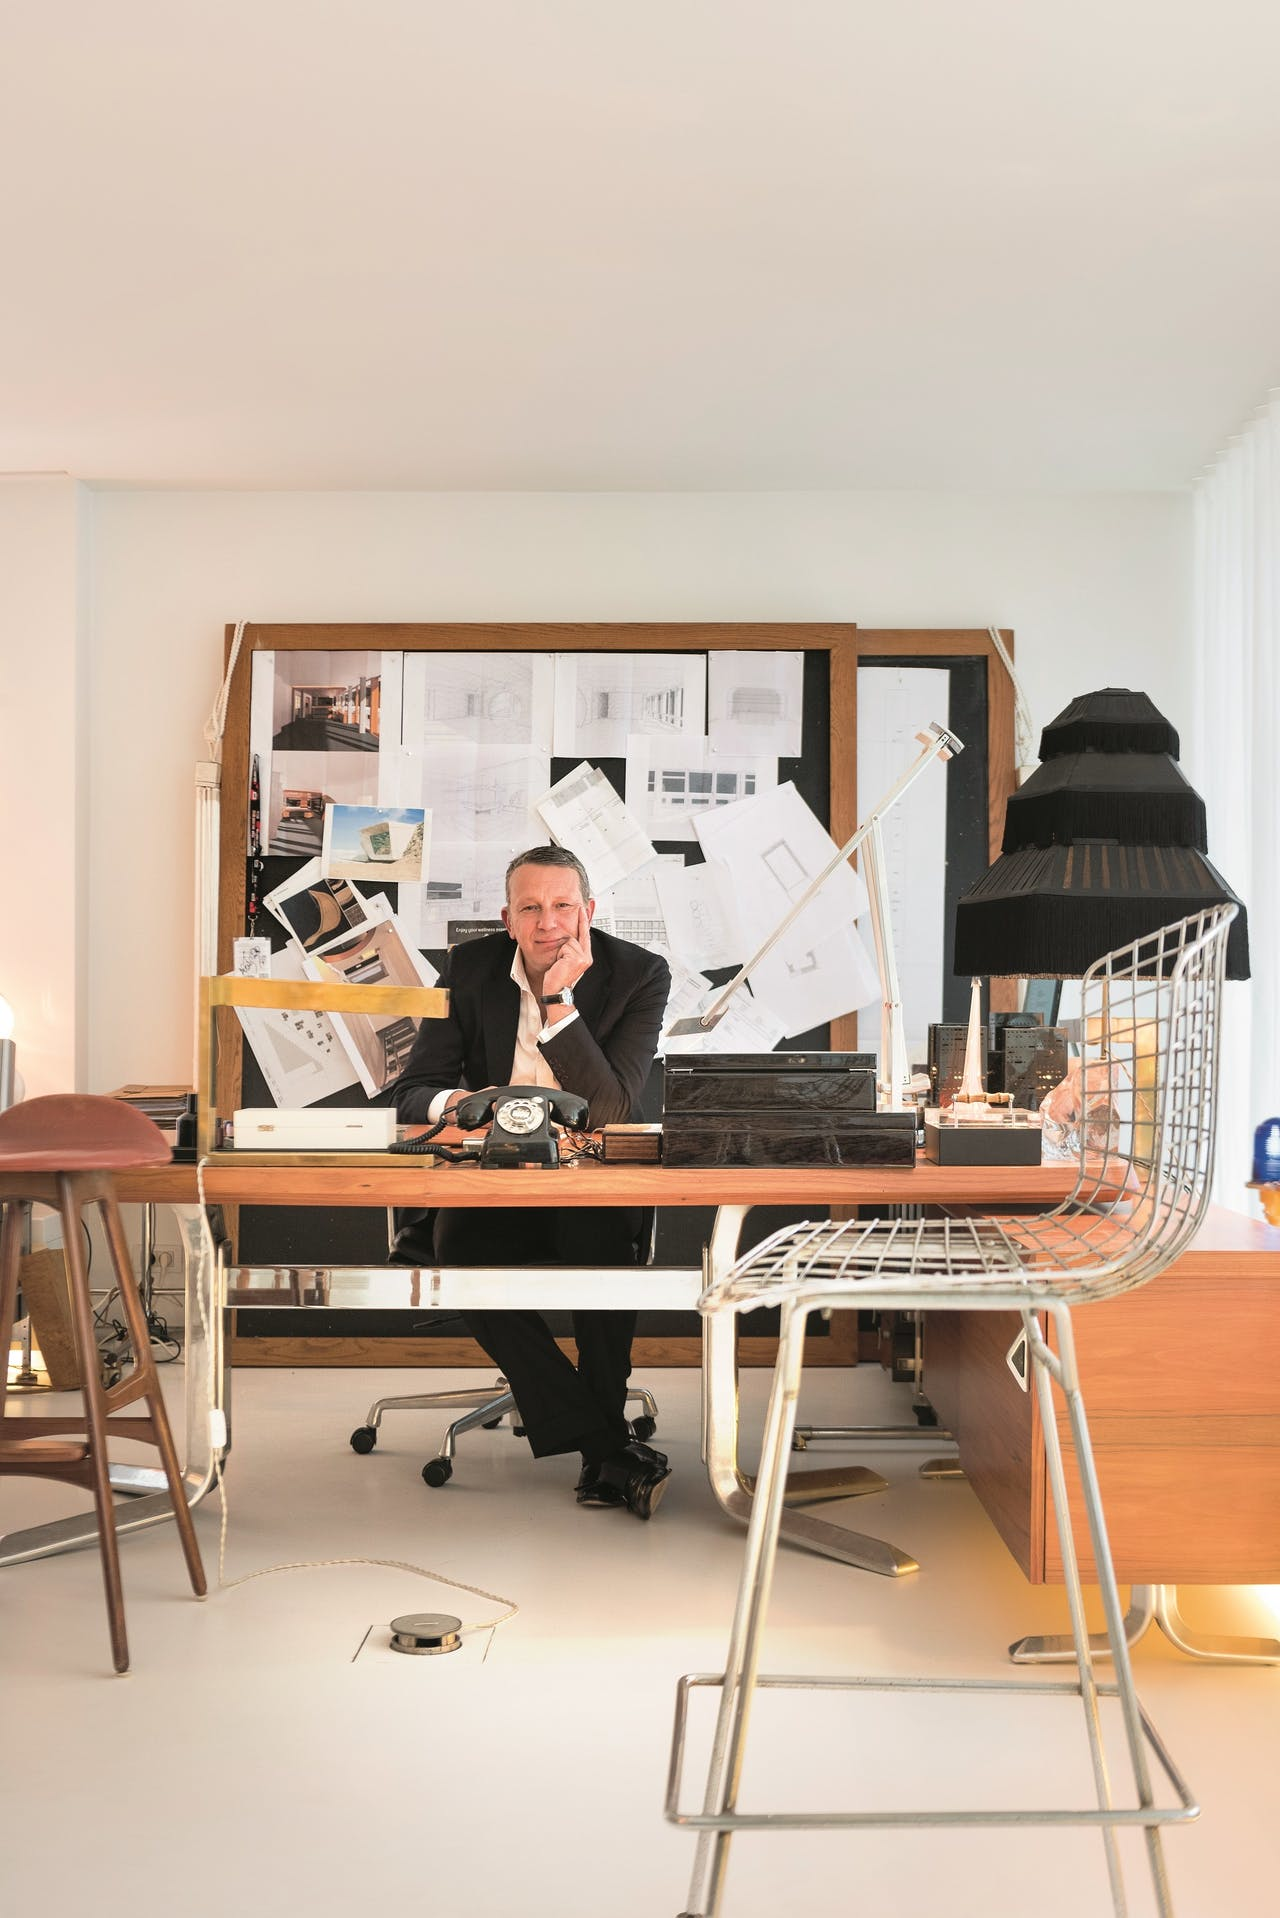 Het bureau dat Arts verwierf stond in de jaren vijftig in een kantoor van Lloyds Banking Group